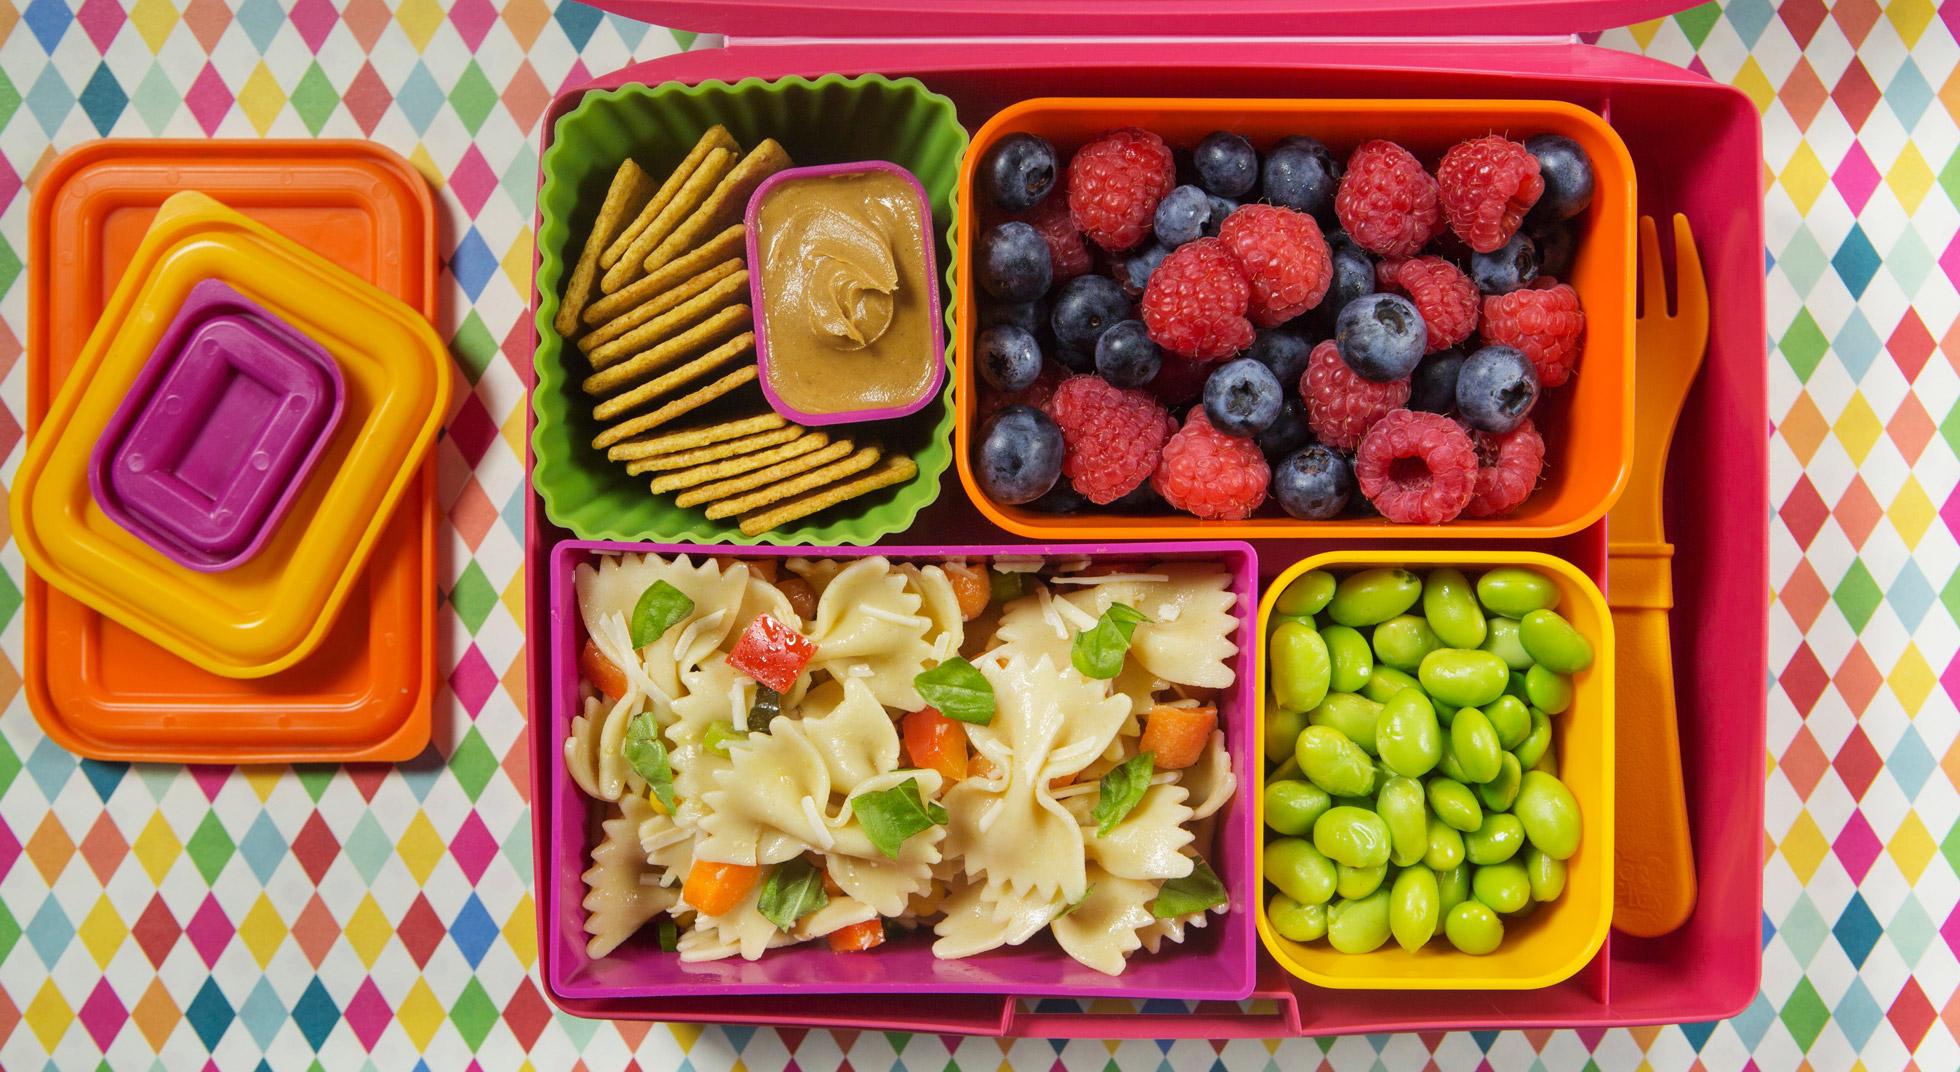 Idee Per Pranzi Sani : Idee per la schiscia oltre al solito panino aia food